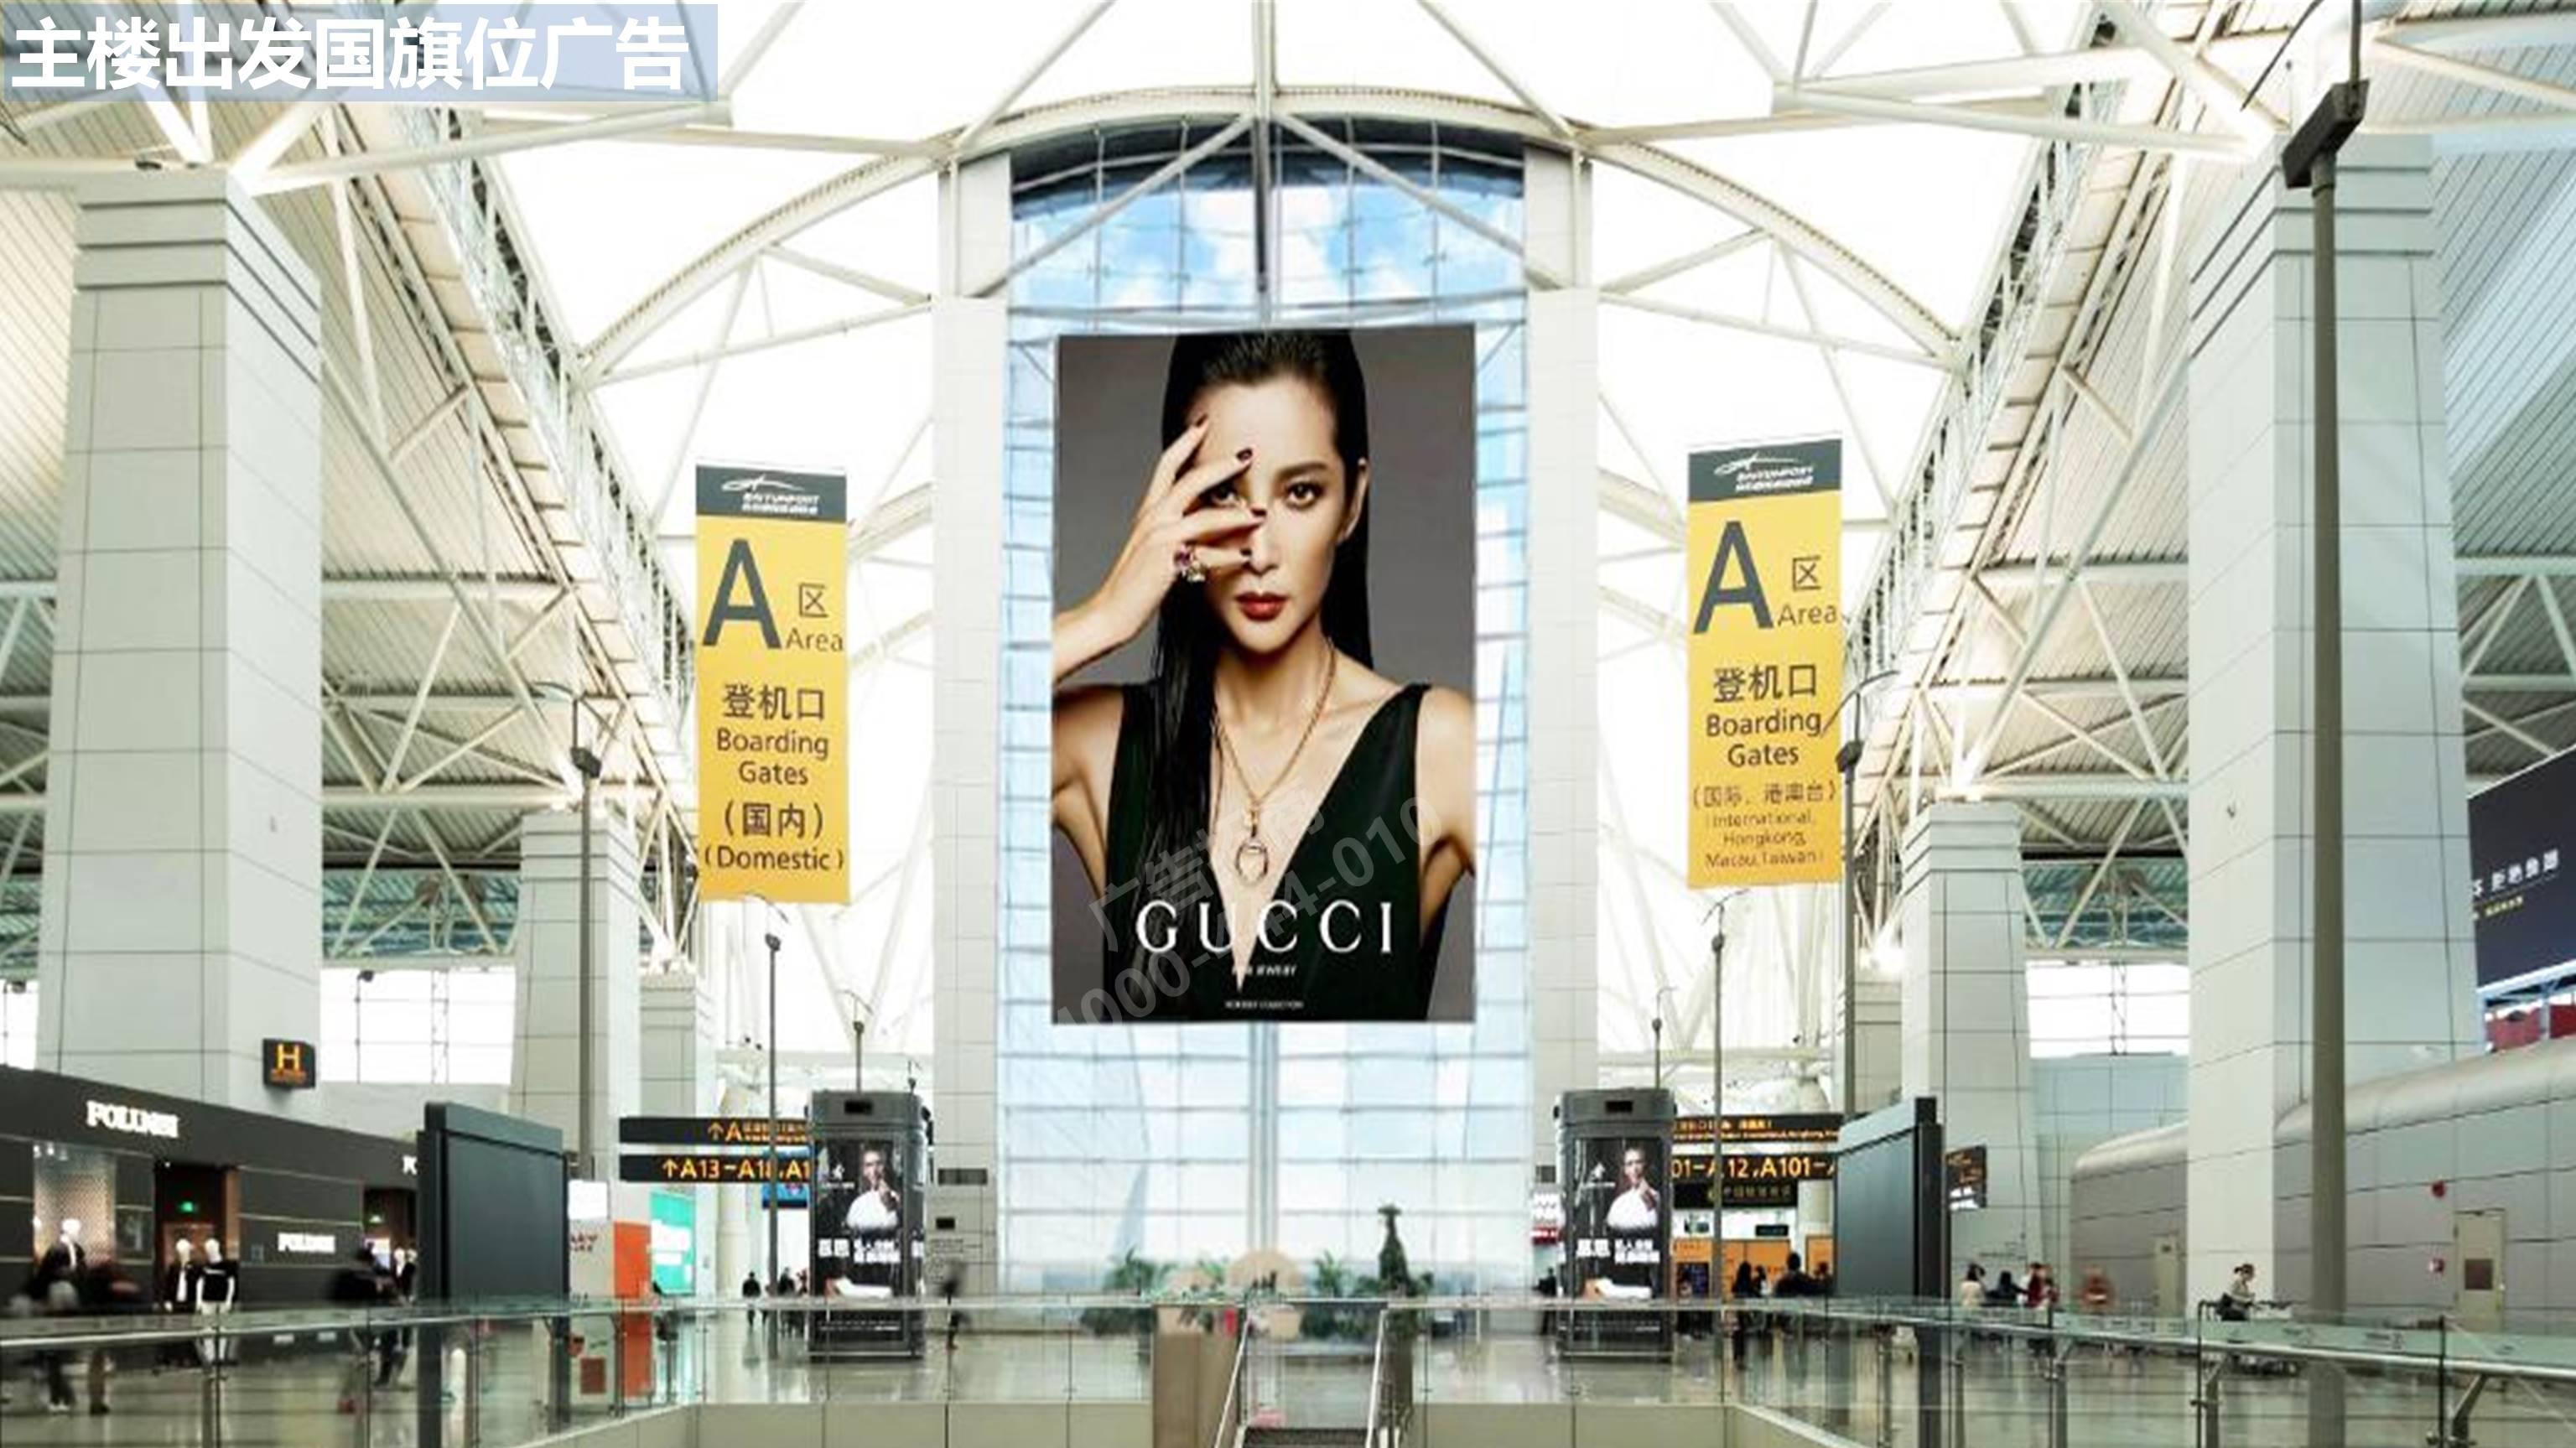 广州机场广告国旗位广告